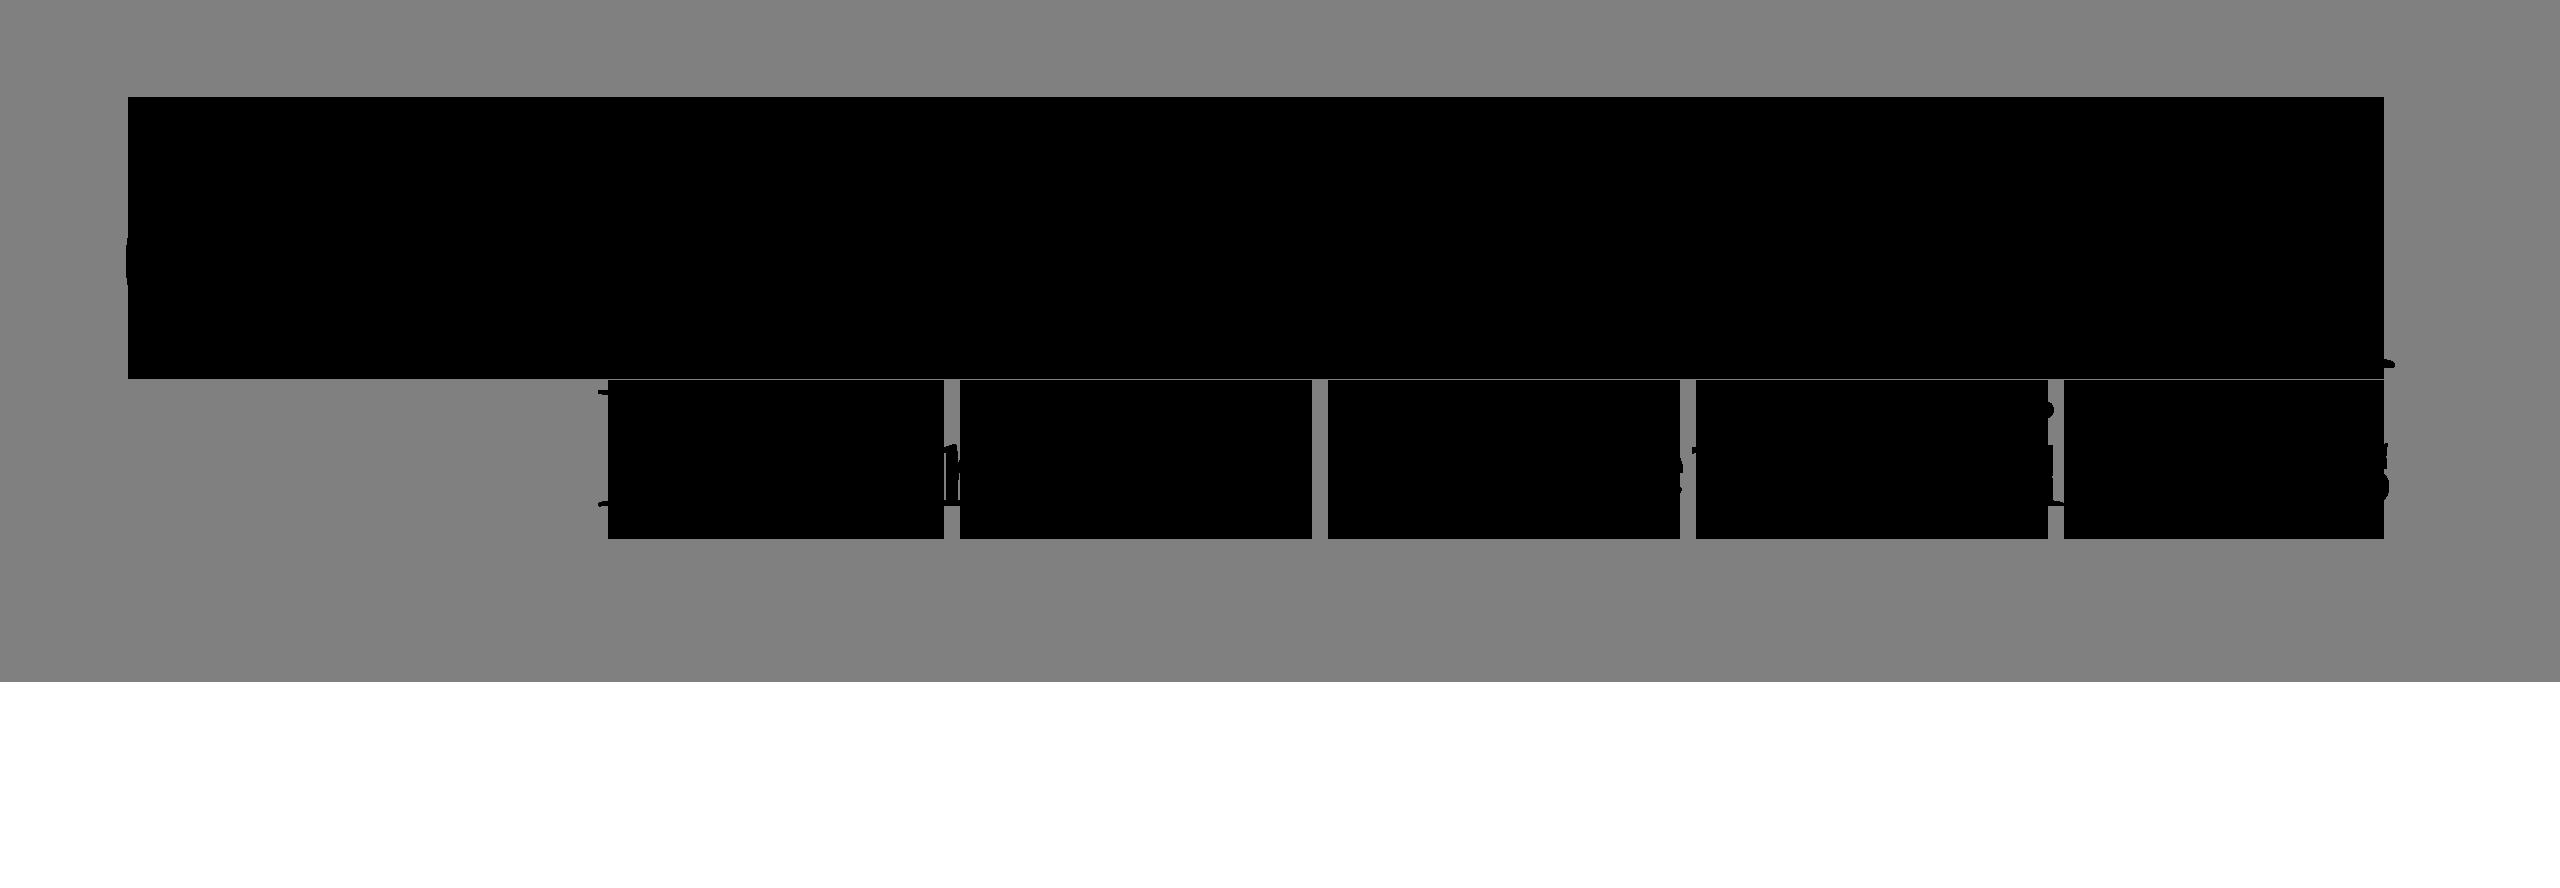 Cabinet Miessen